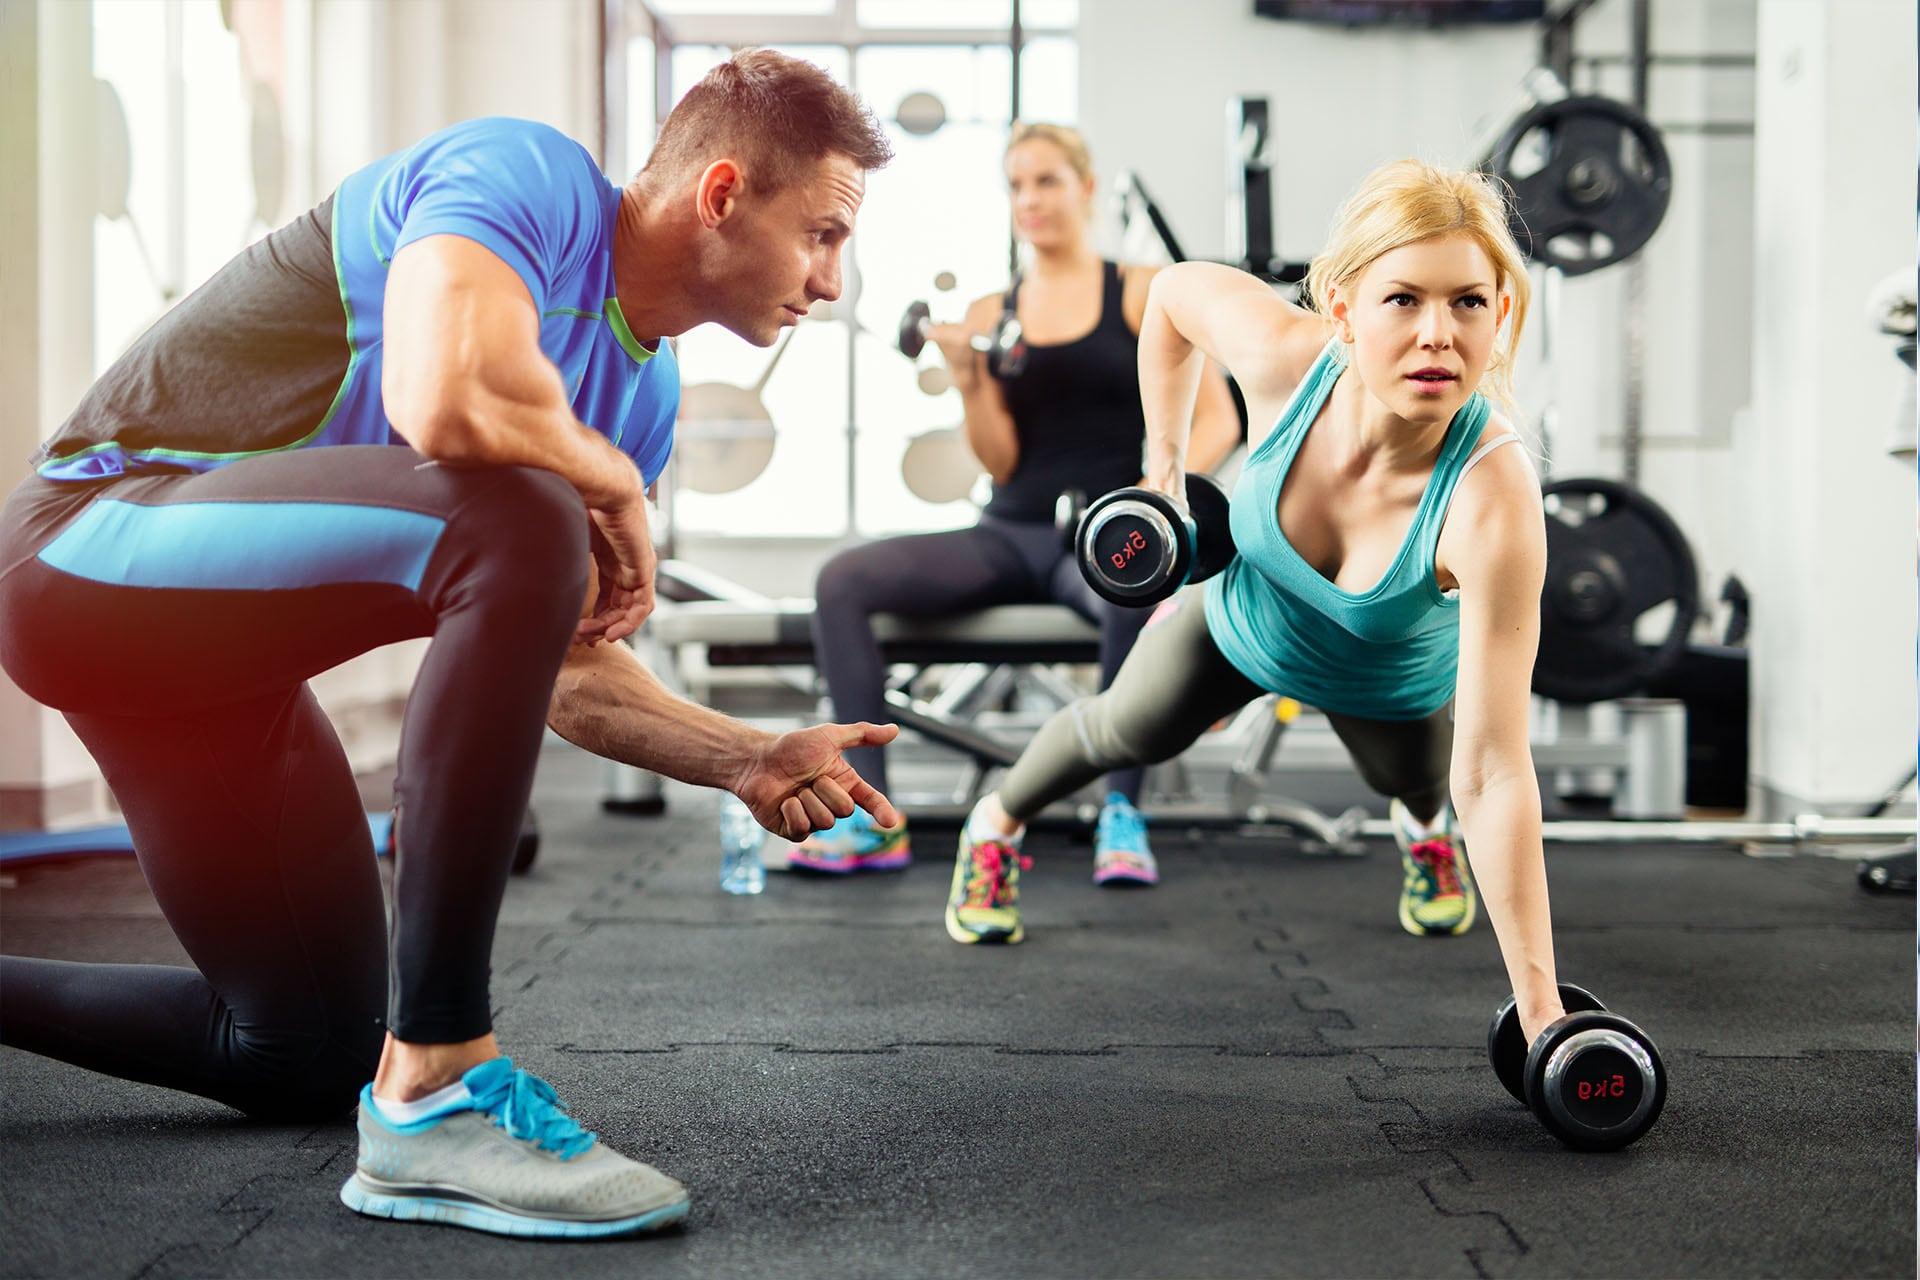 健身房私教训练